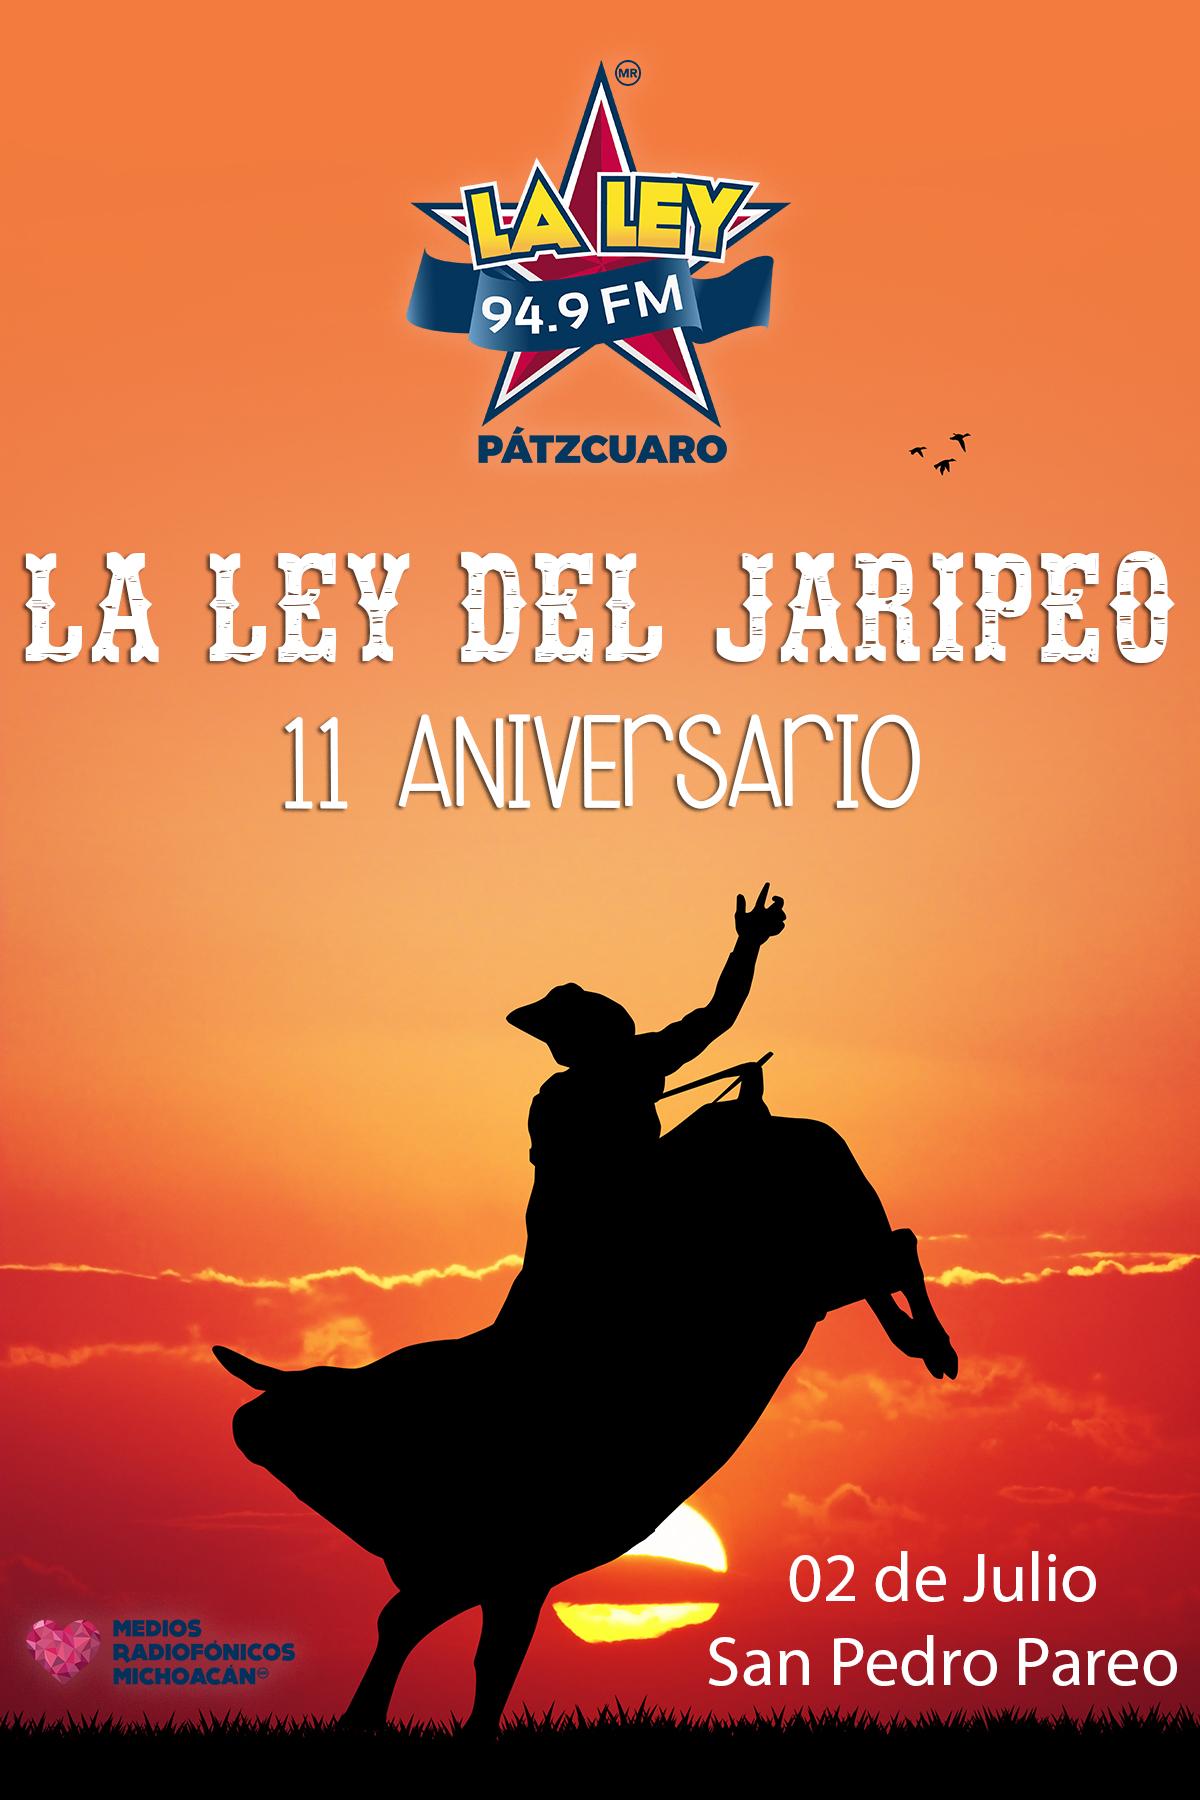 La Ley Del Jaripeo 11 Aniversario Radiomejor